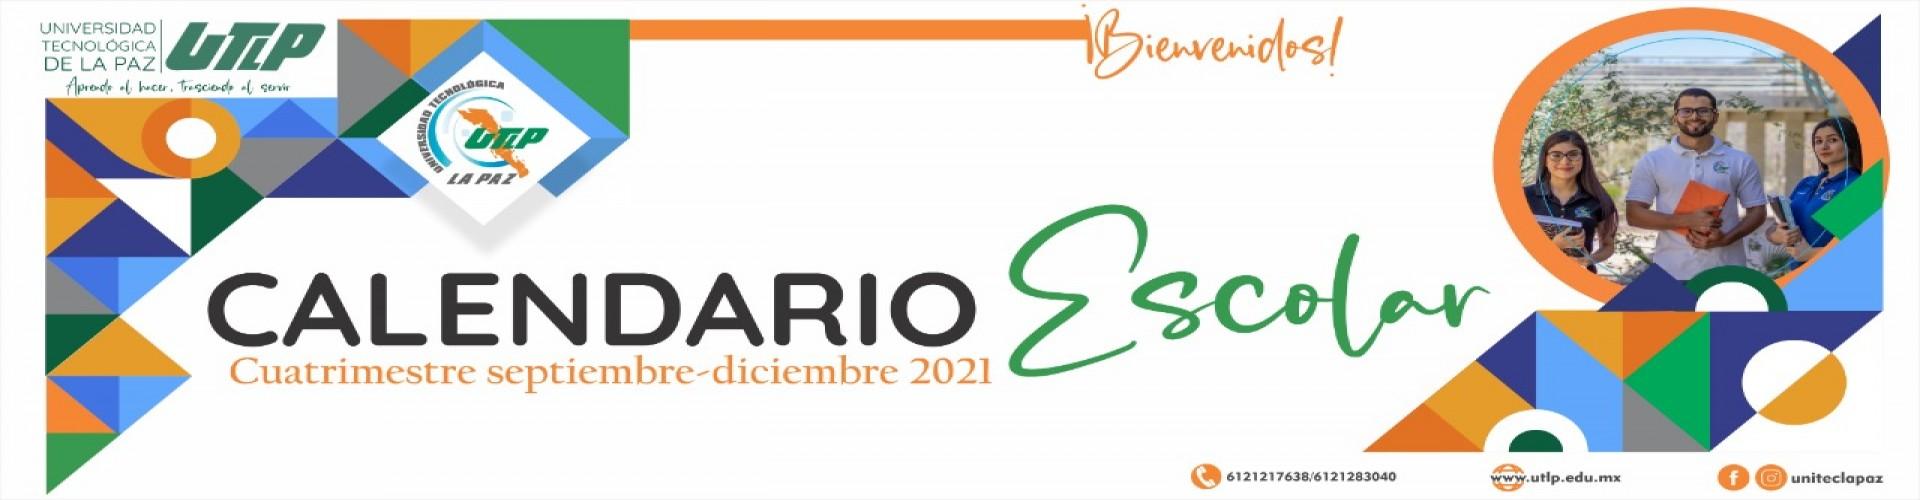 CALENDARIO ESCOLAR SEP - DIC 2021